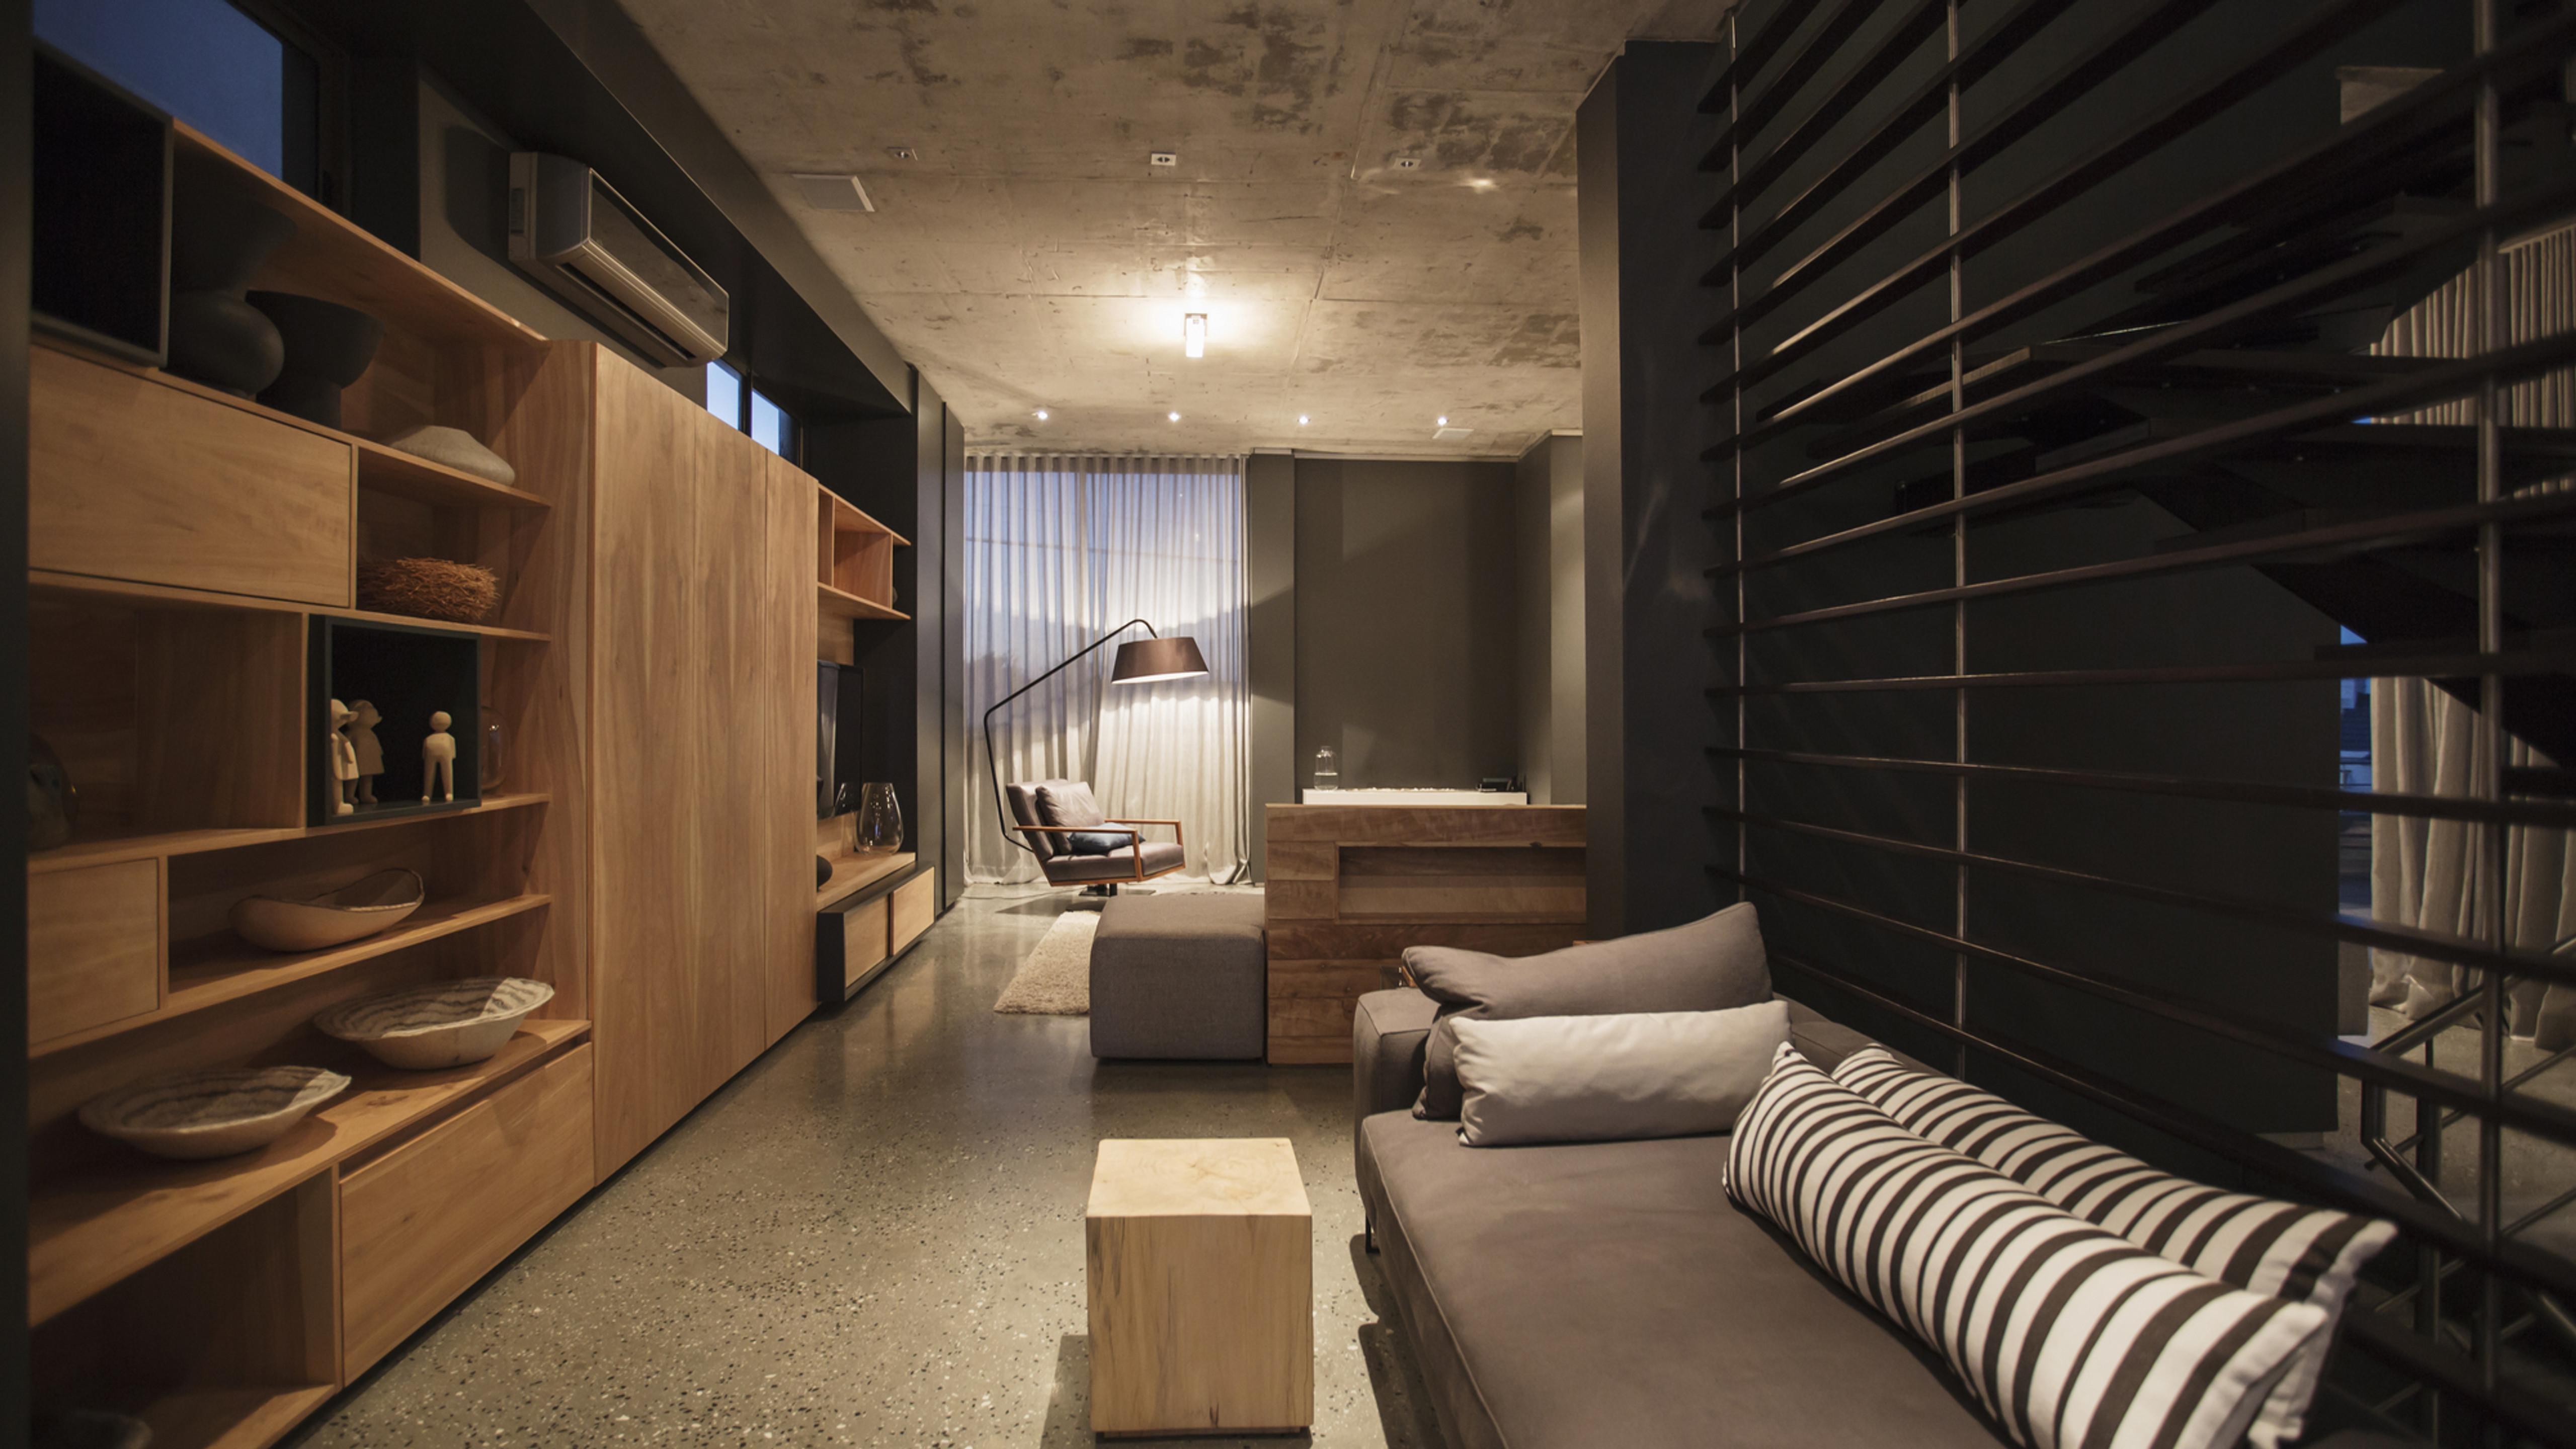 4BR Apartment/Condo - Standard